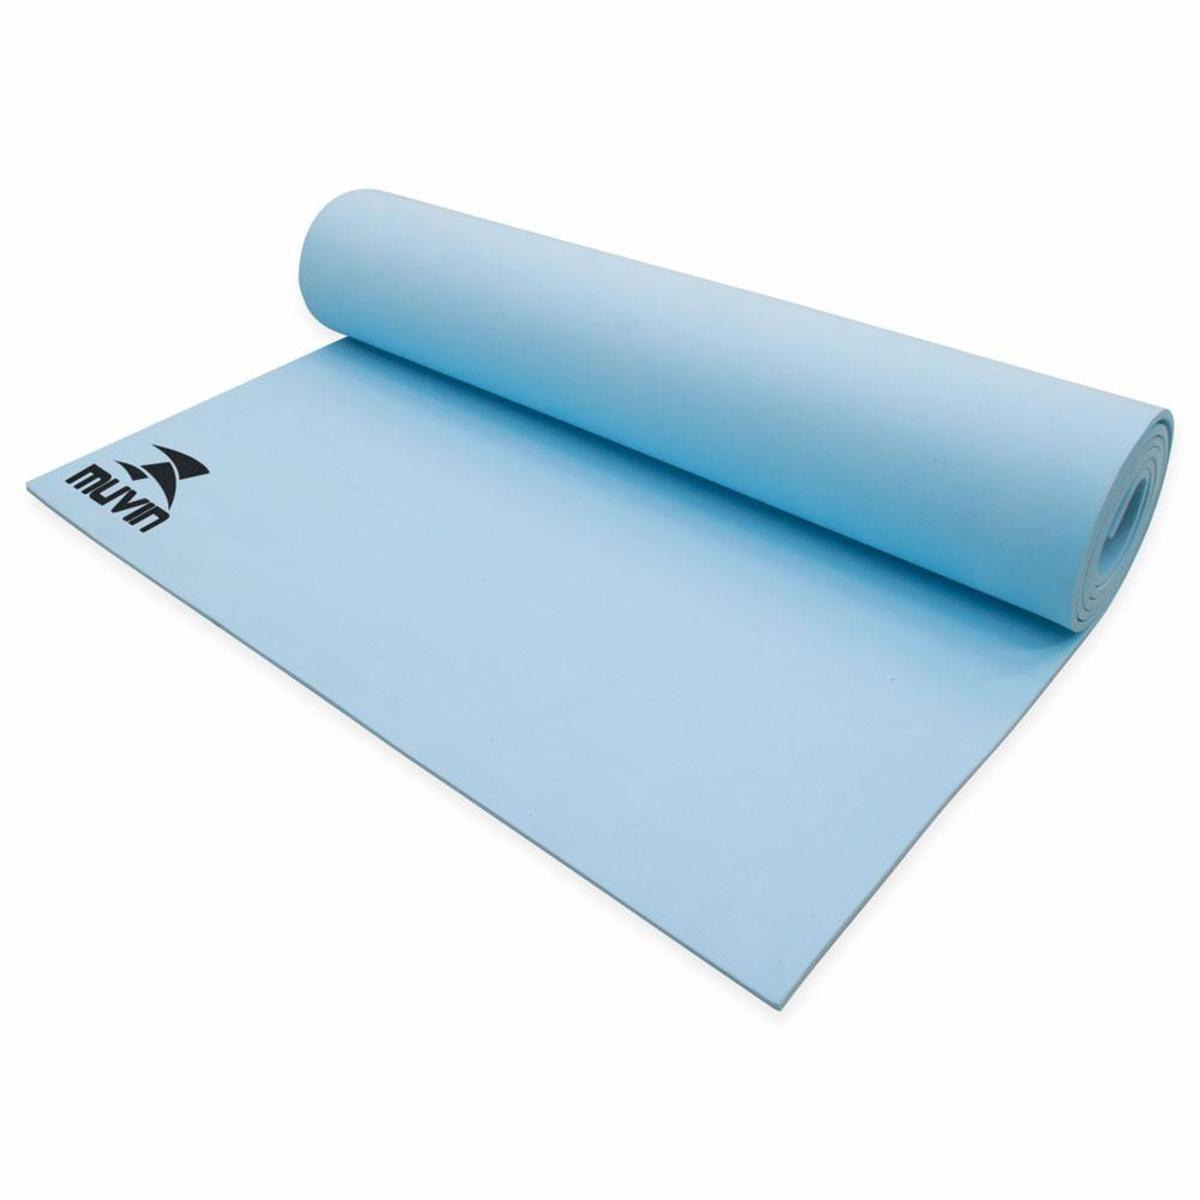 Tapete para Yoga em EVA Muvin TPY-300 - Azul Claro - Compre Agora ... 5a428fa300e5